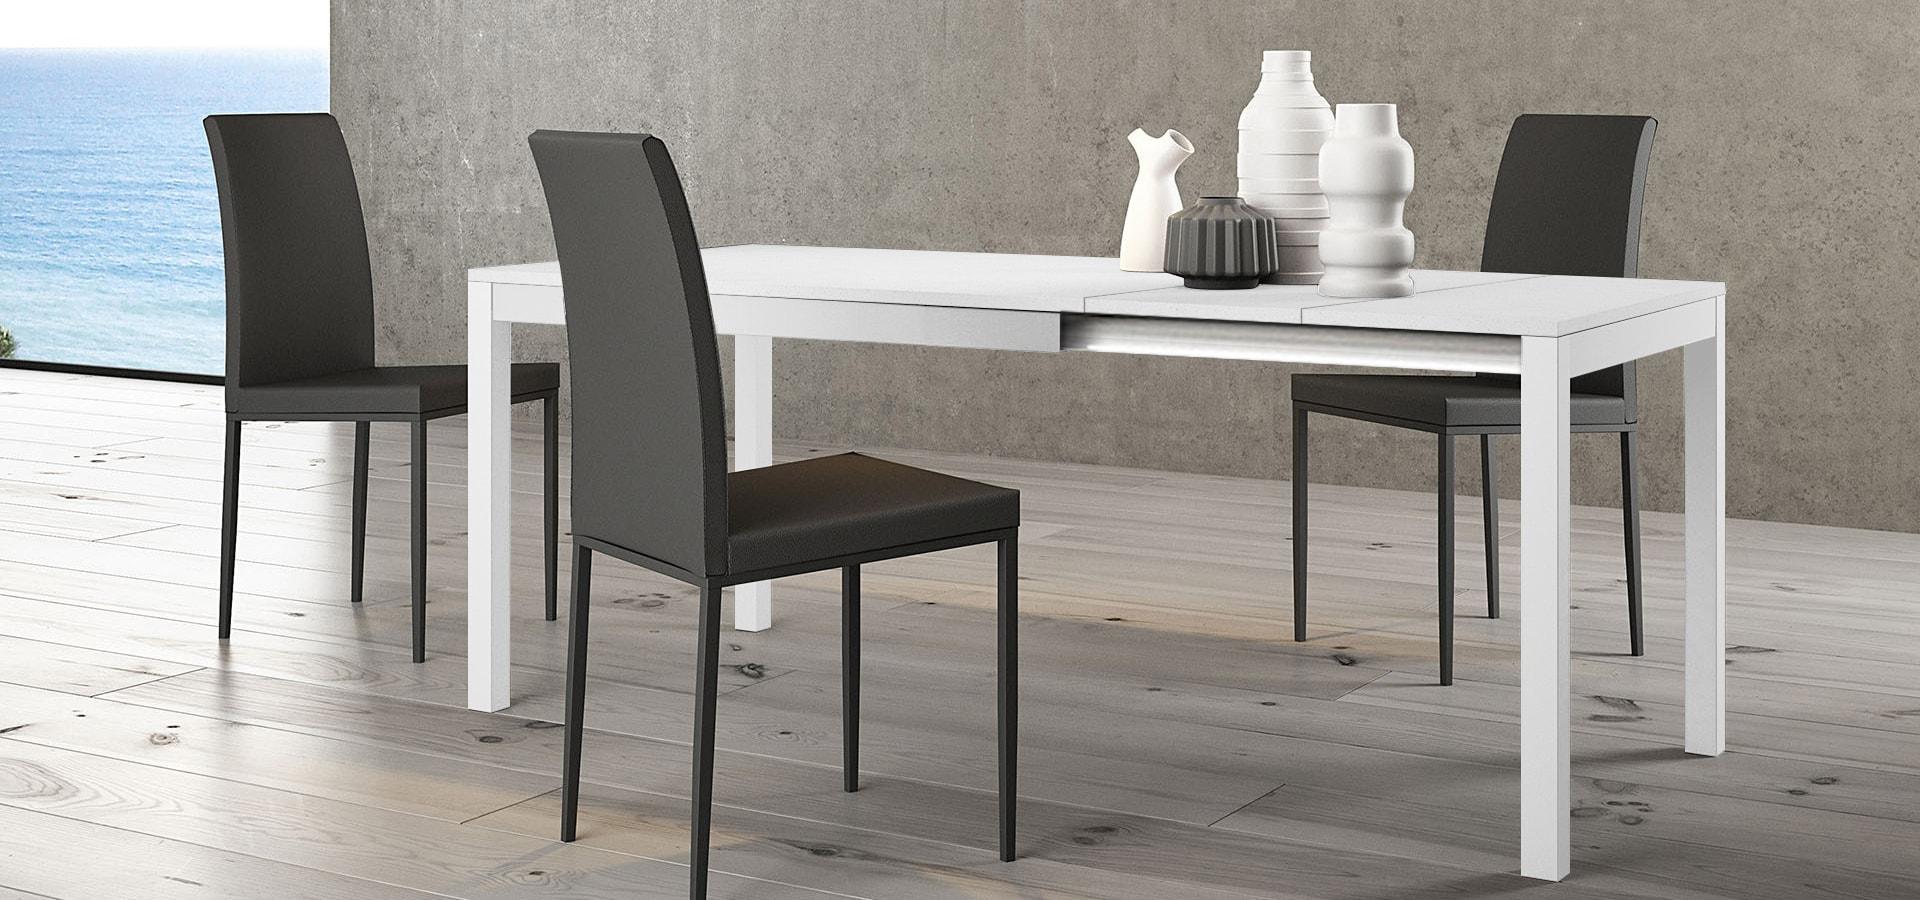 Итальянский стол MATRIX белый | ARREDO3